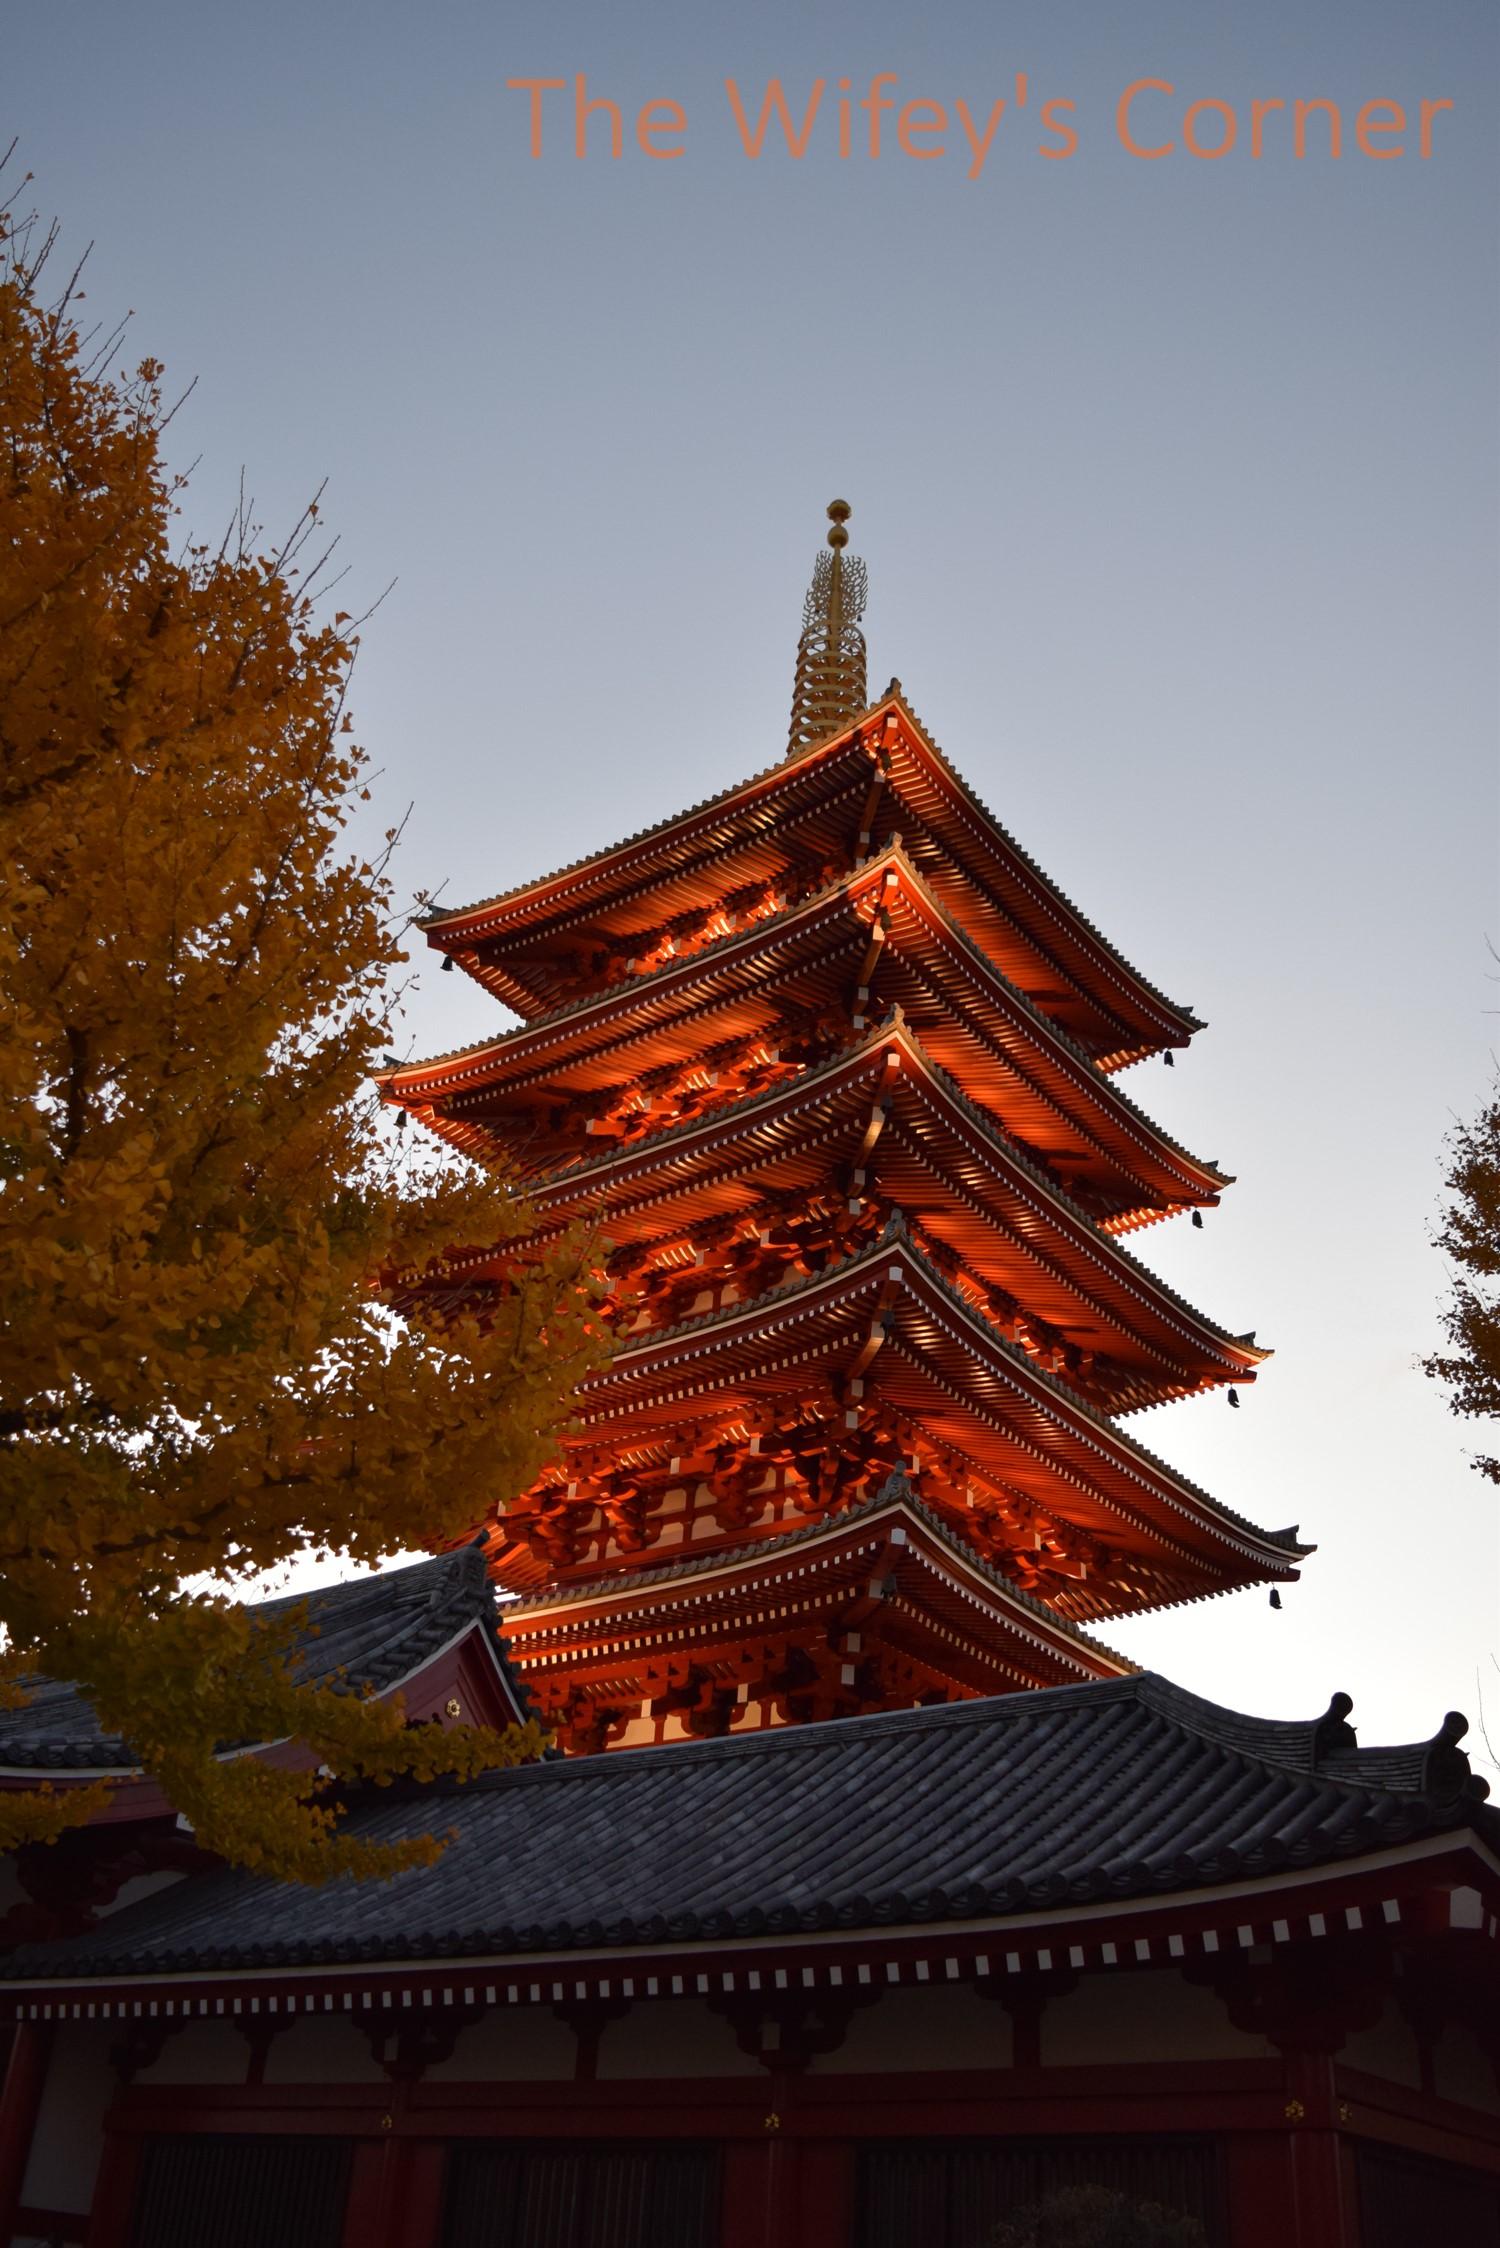 2017 Japan Trip - Day 11